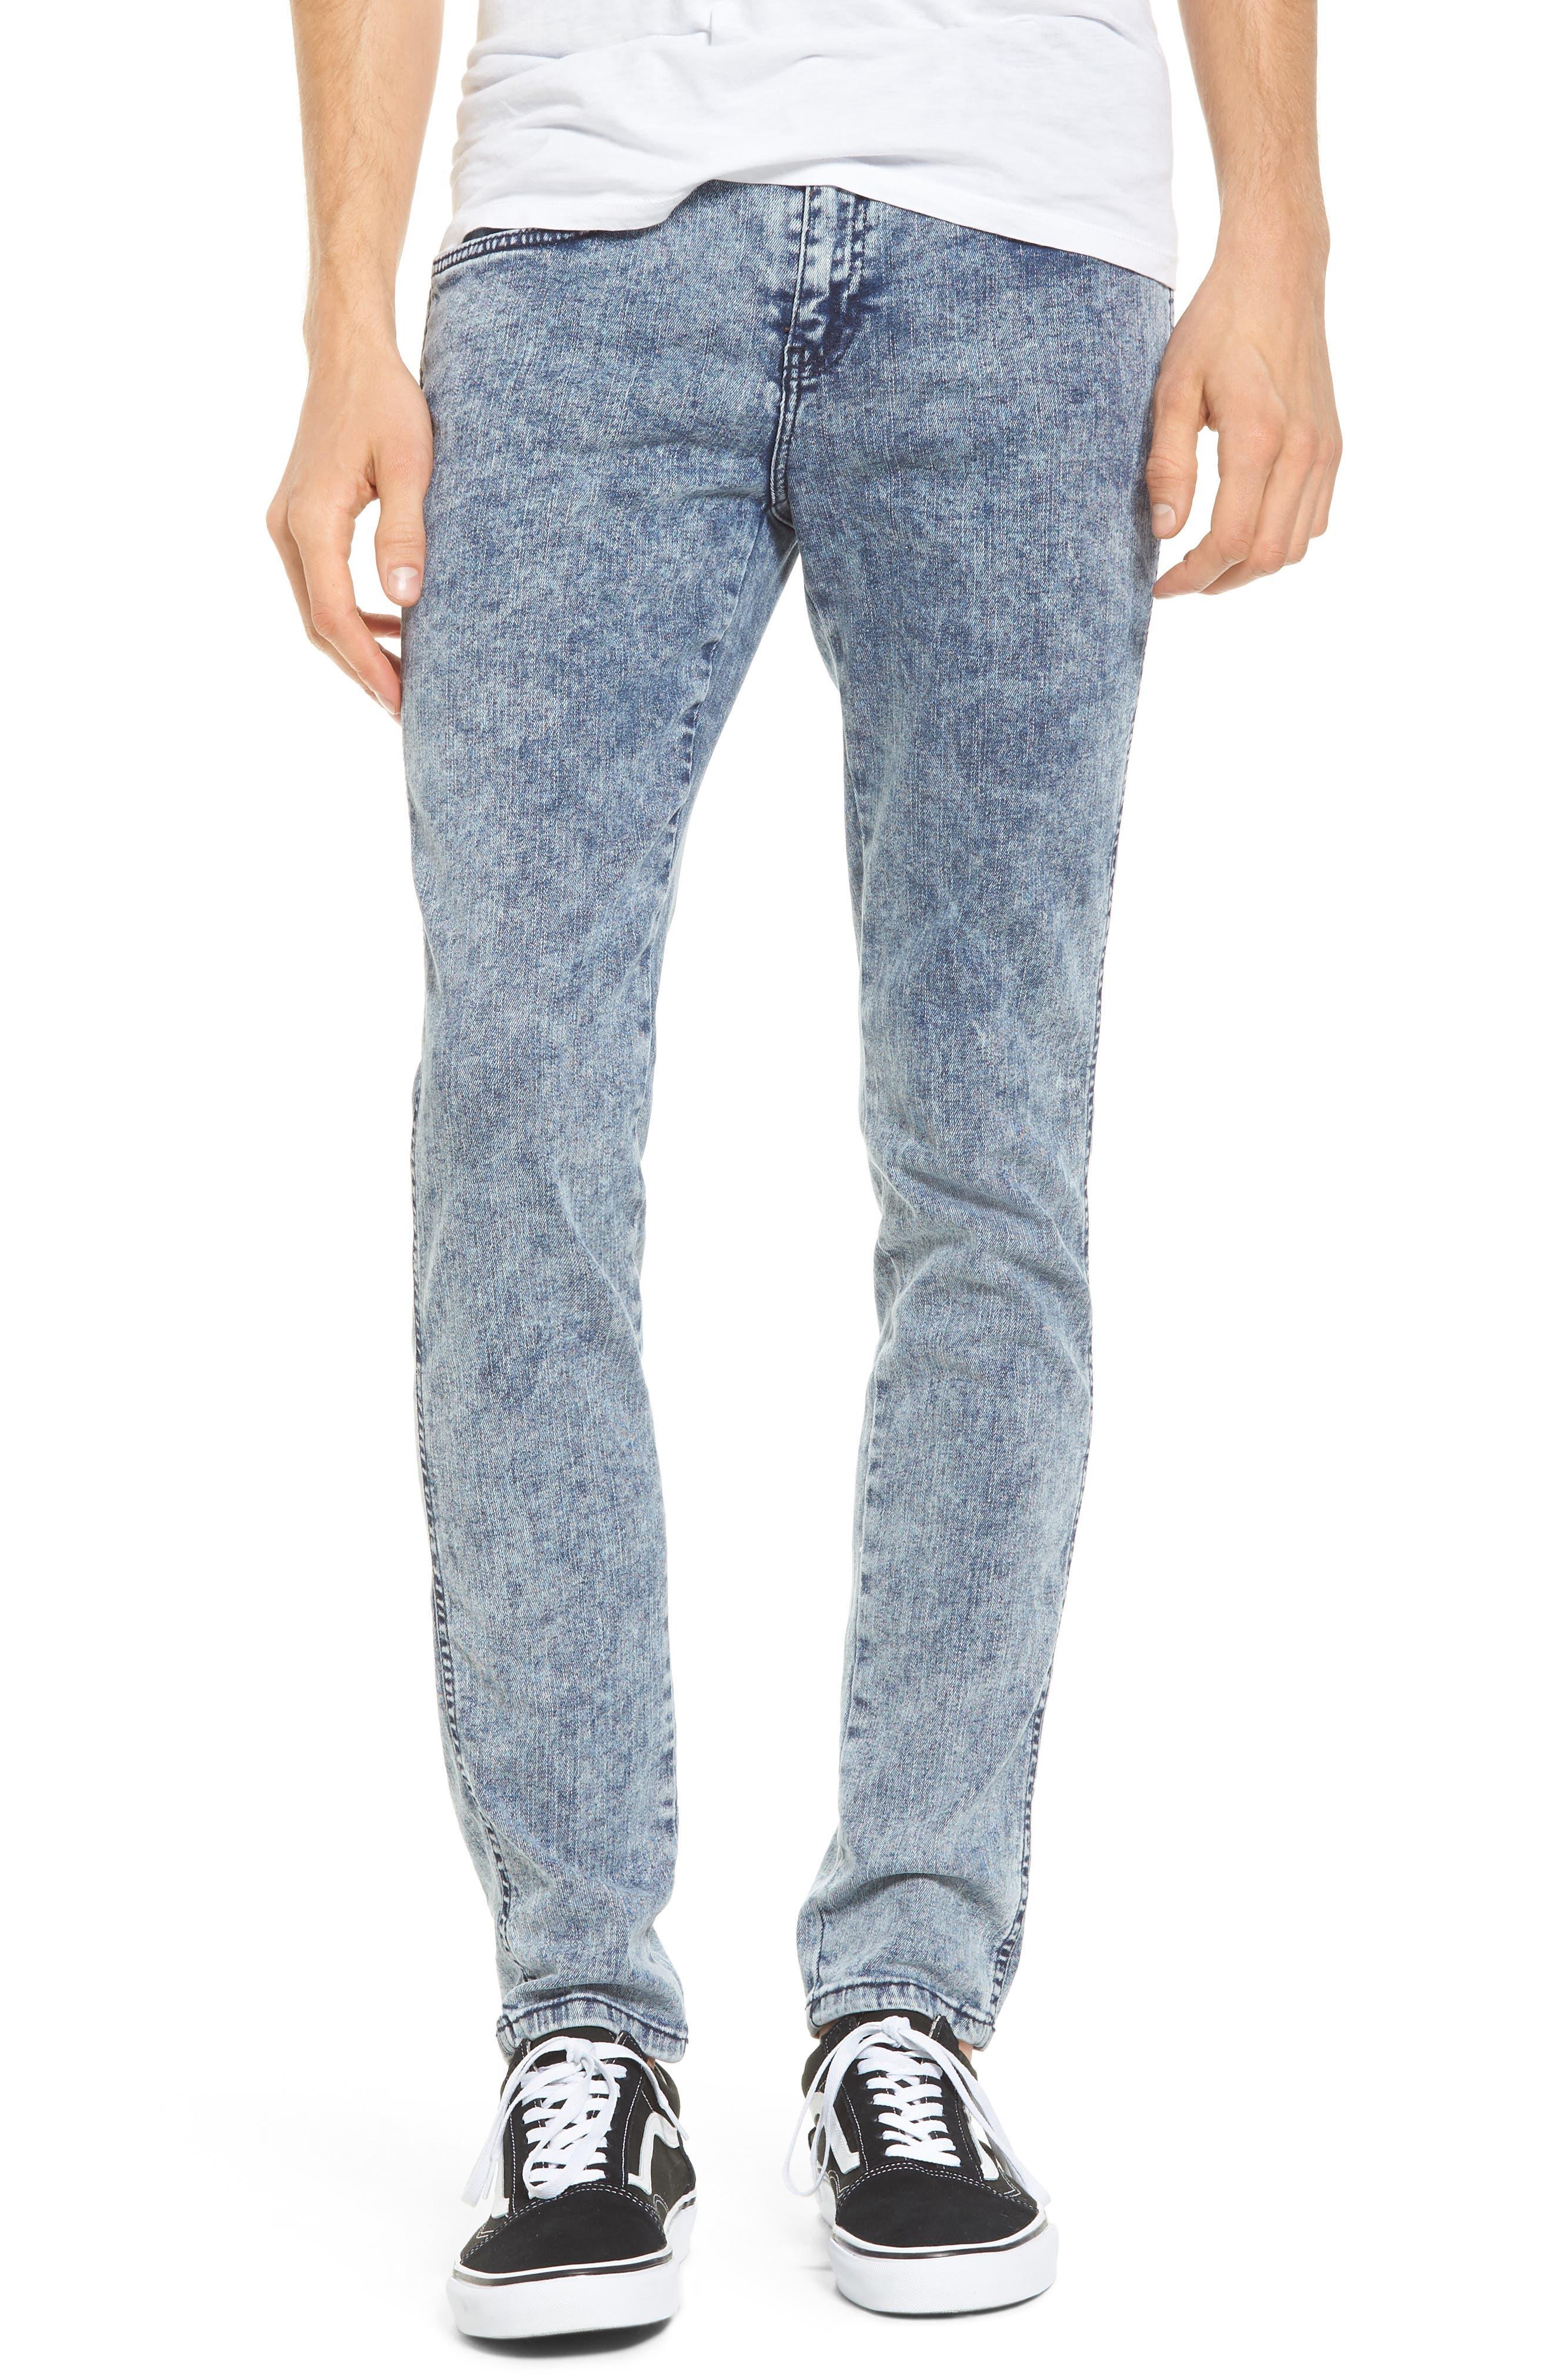 Alternate Image 1 Selected - Dr. Denim Supply Co. Snap Skinny Fit Jeans (Acid Blue)